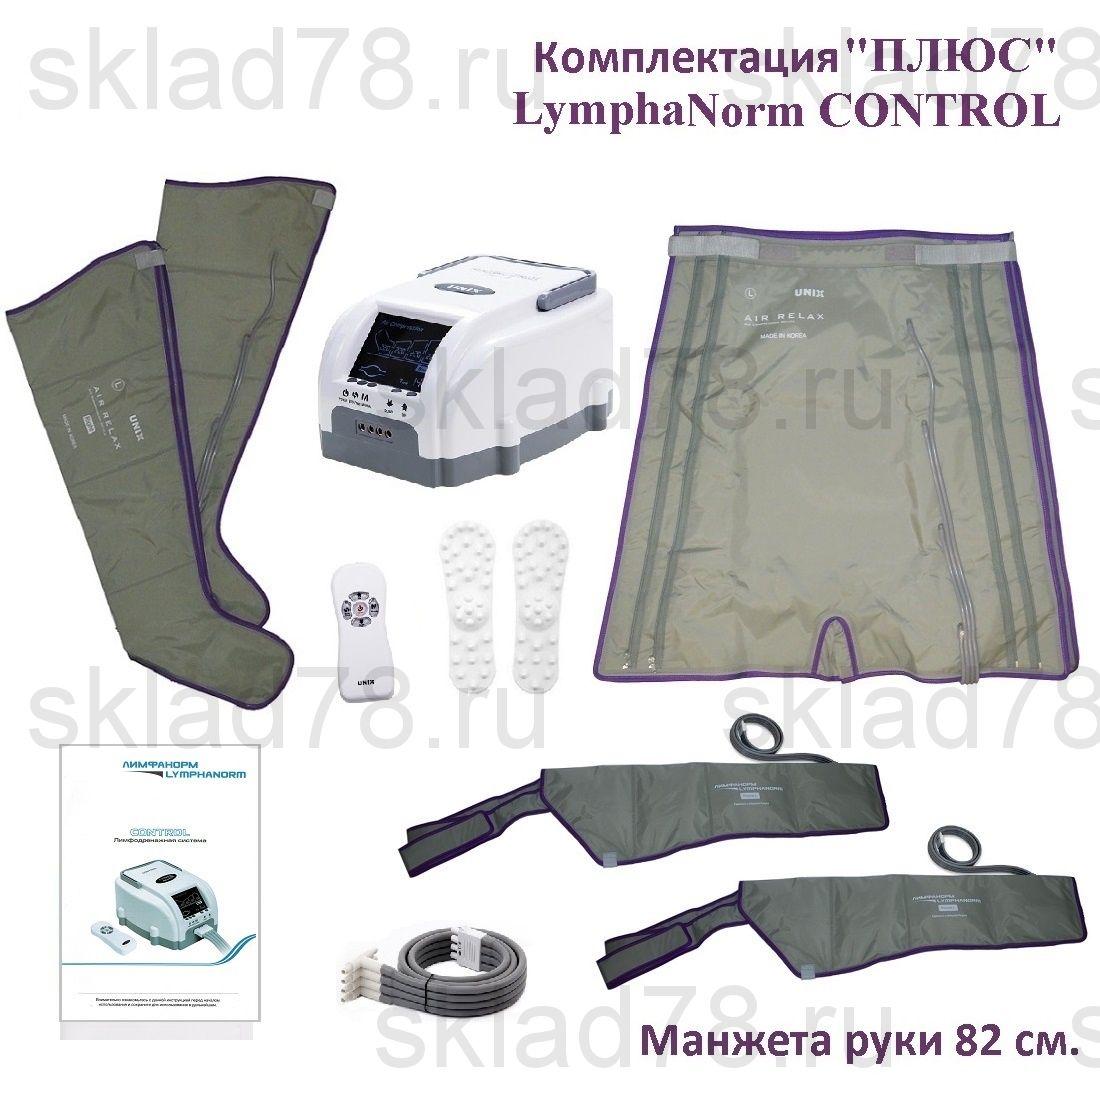 """LymphaNorm CONTROL Лимфодренаж  """"ПЛЮС"""" (руки 82 см.)"""